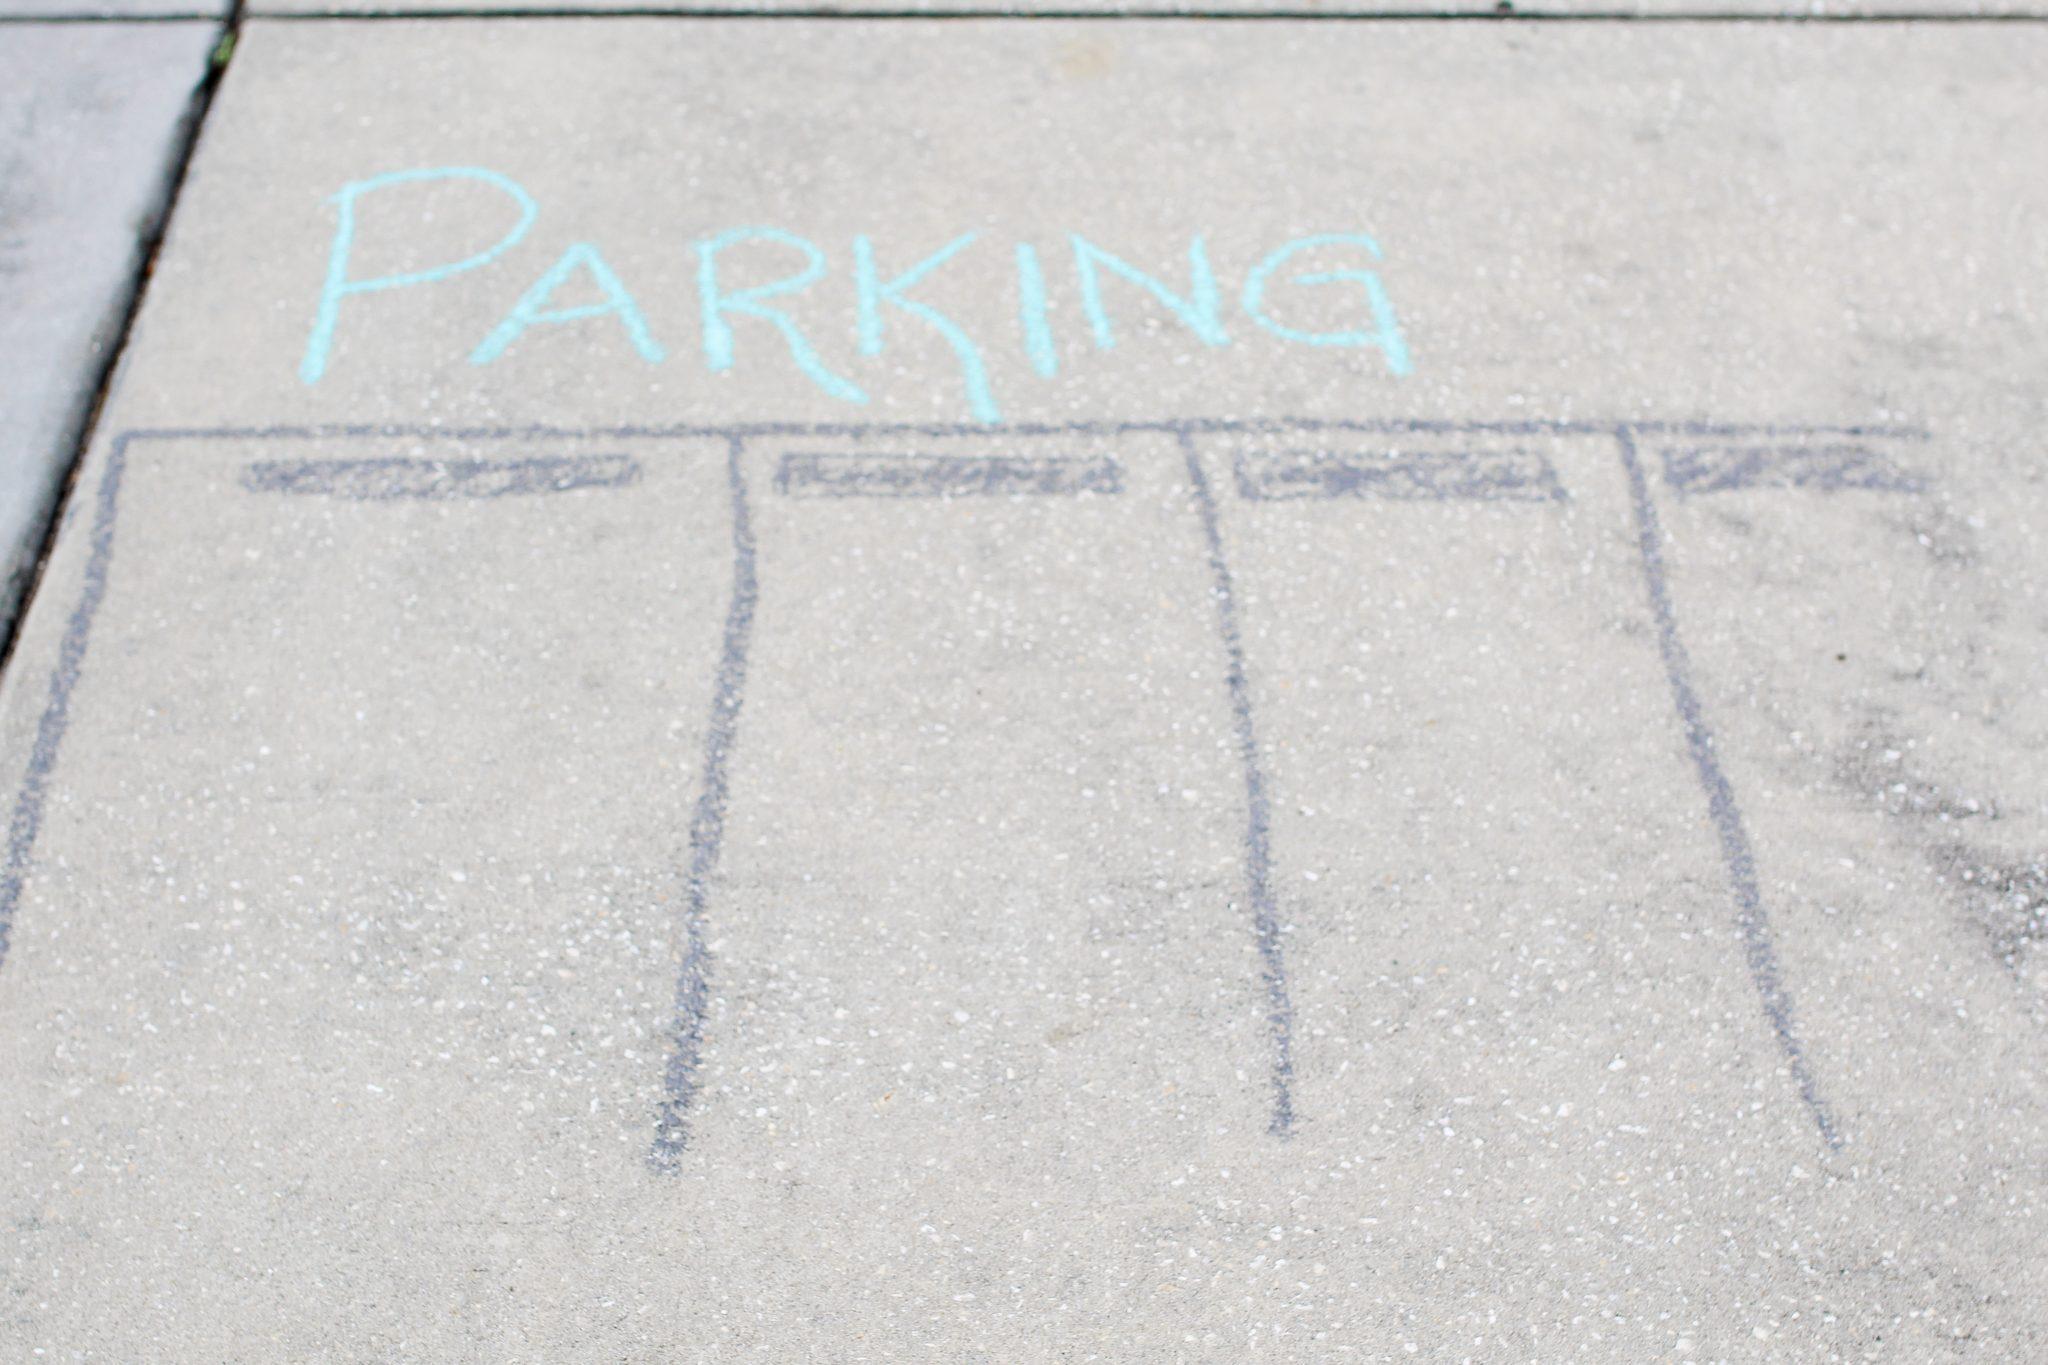 #sidewalkchalkgames #learningwithsidewalkchalk #sidewalkchalk, sidewalk chalk games for adults, easy sidewalk chalk designs, fun things to do with chalk, sidewalk and driveway games, sidewalk chalk lesson plans, chalk playground games, sidewalk chalk maze, fun things to do with chalk inside